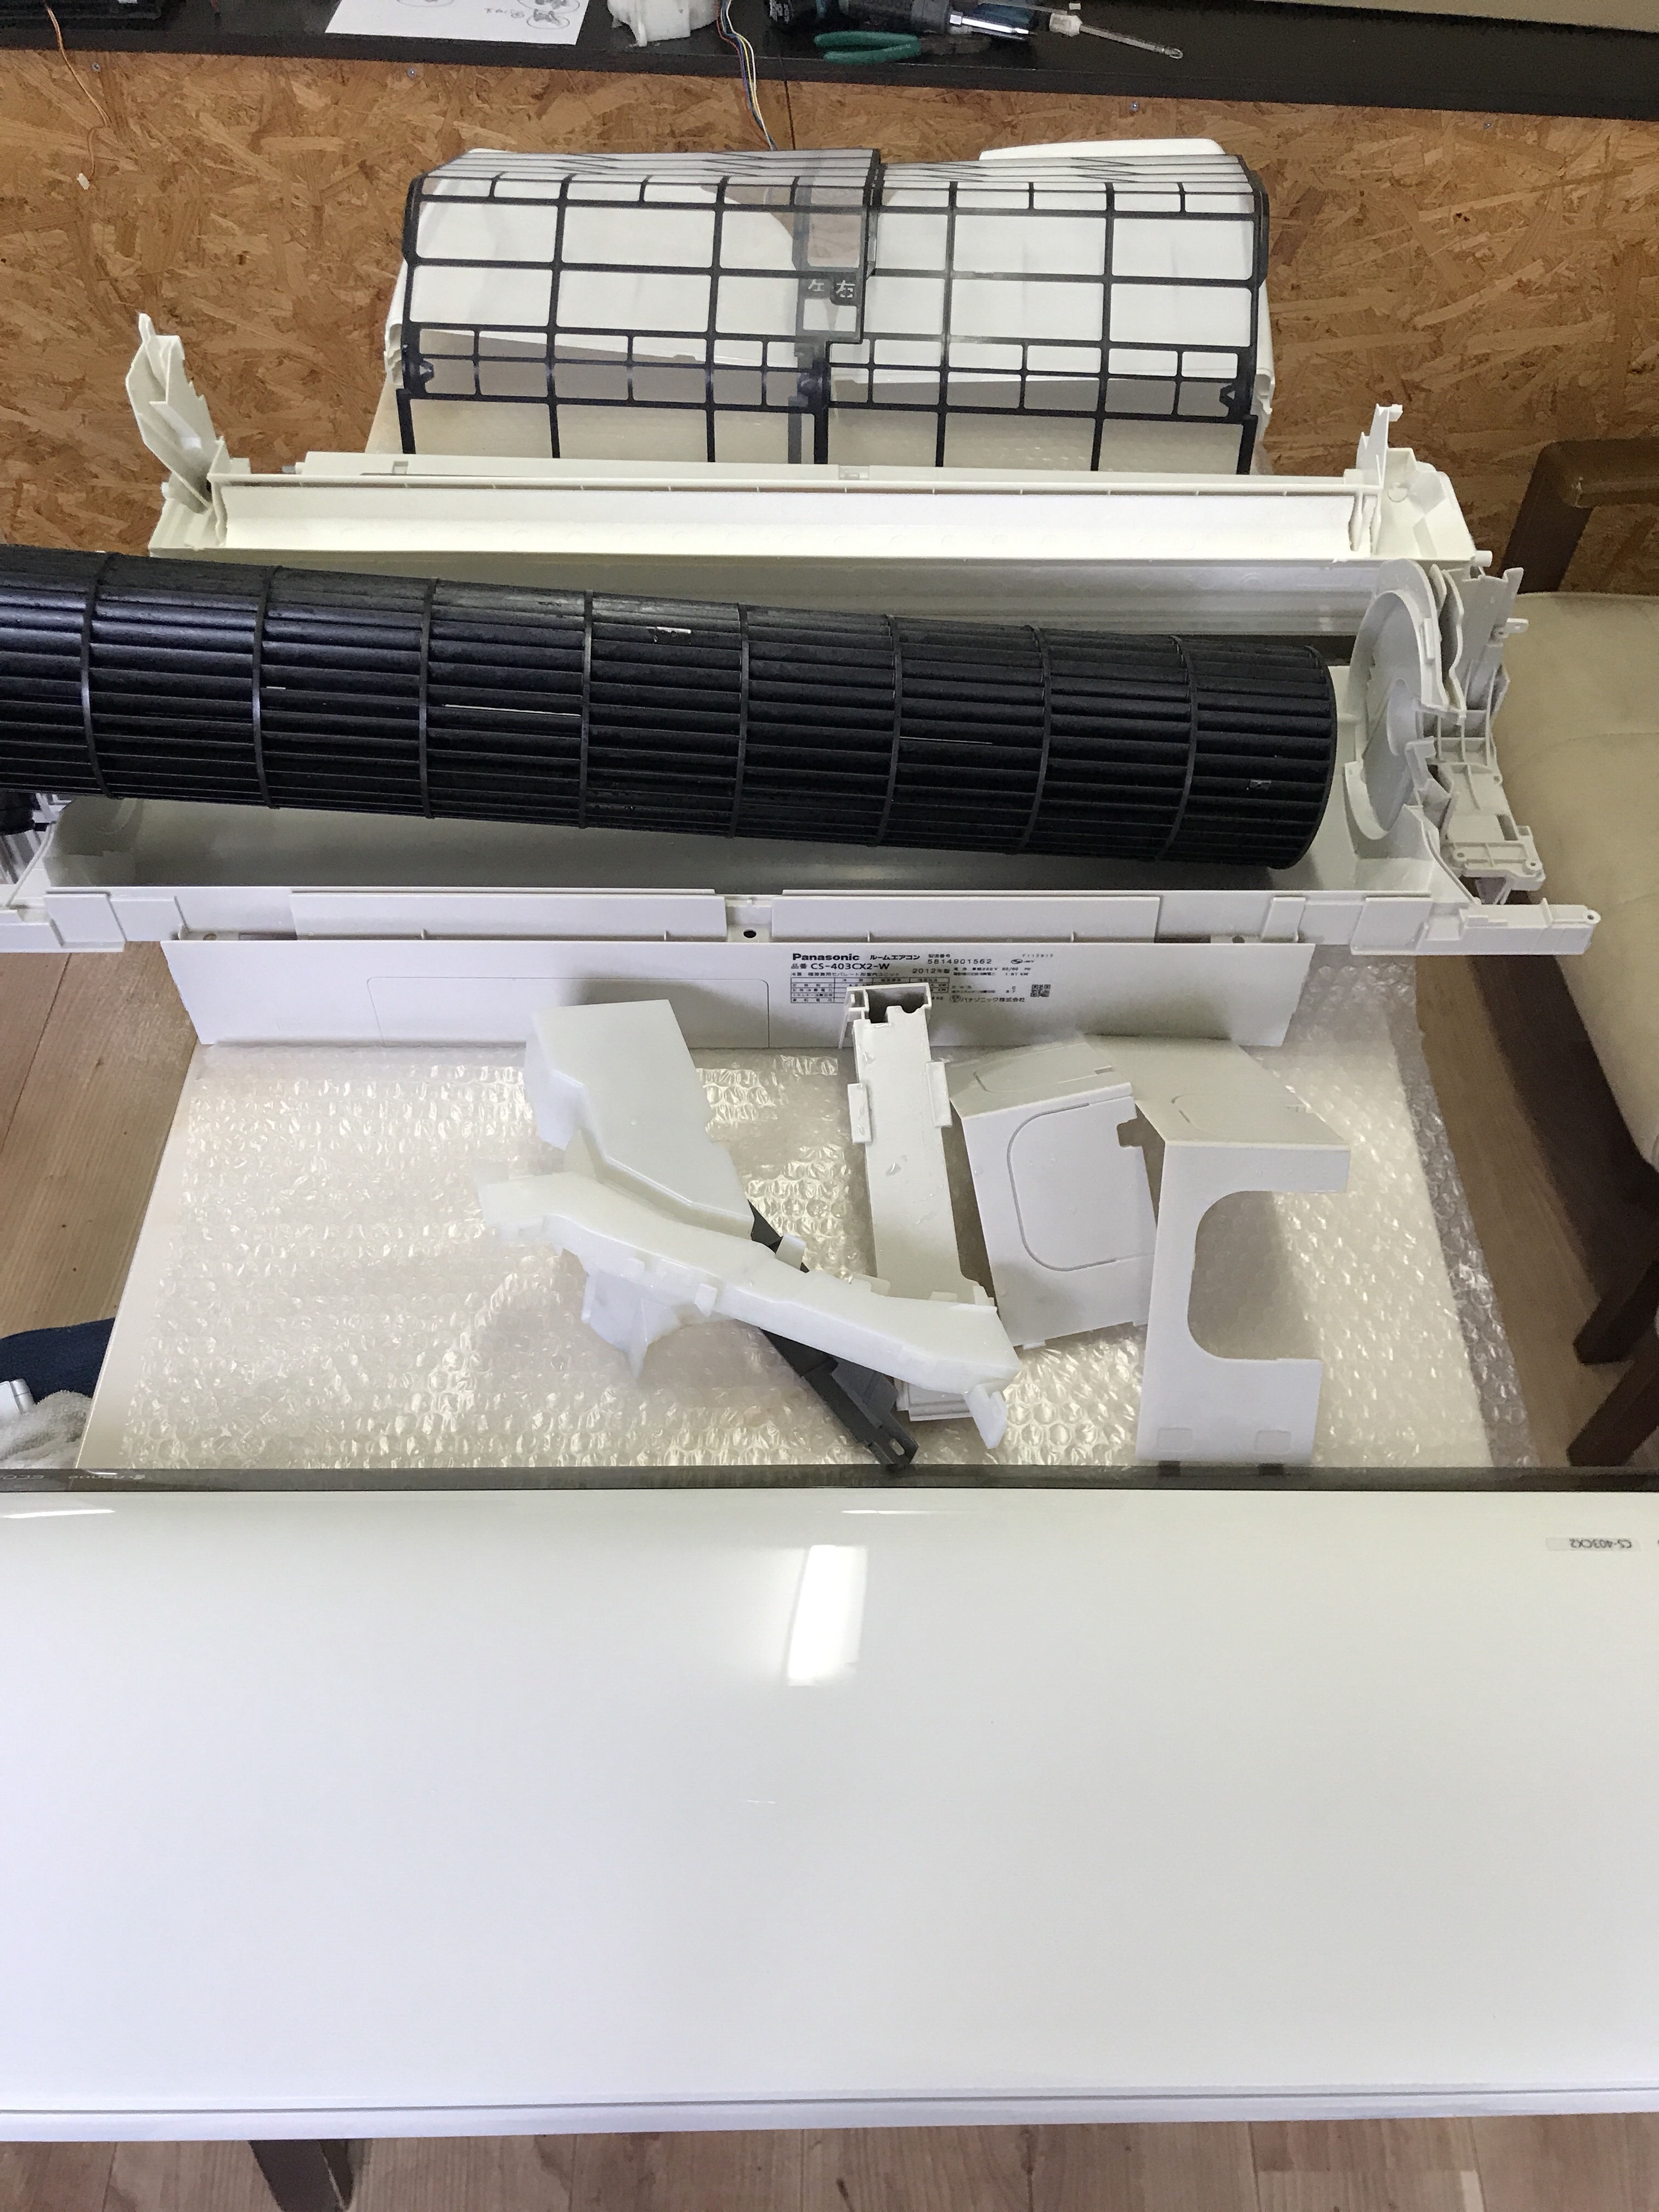 福岡市で脱着 完全分解エアコン掃除